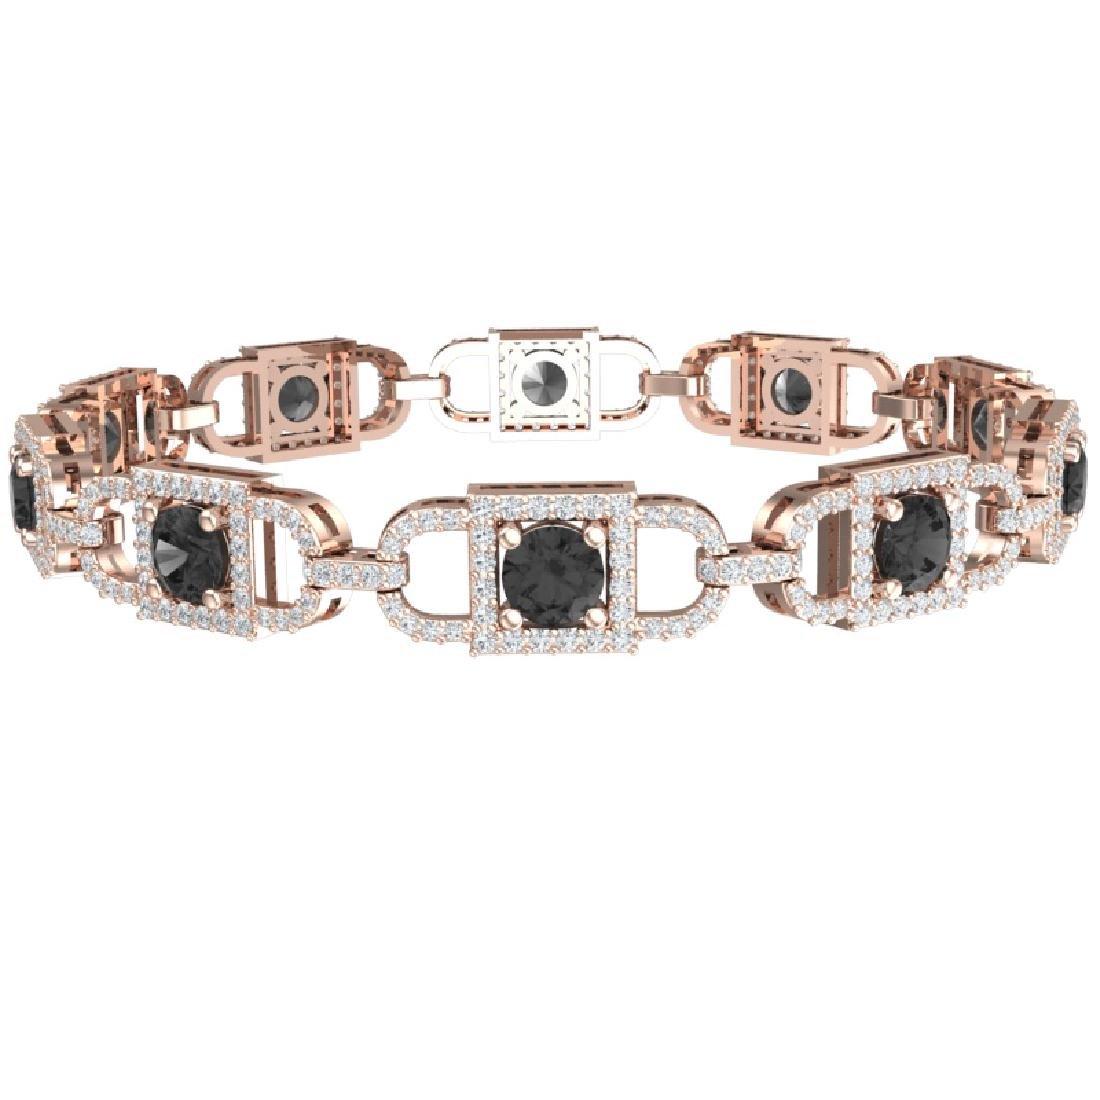 8 CTW Black And White Diamond Bracelet 18K Rose Gold - 2